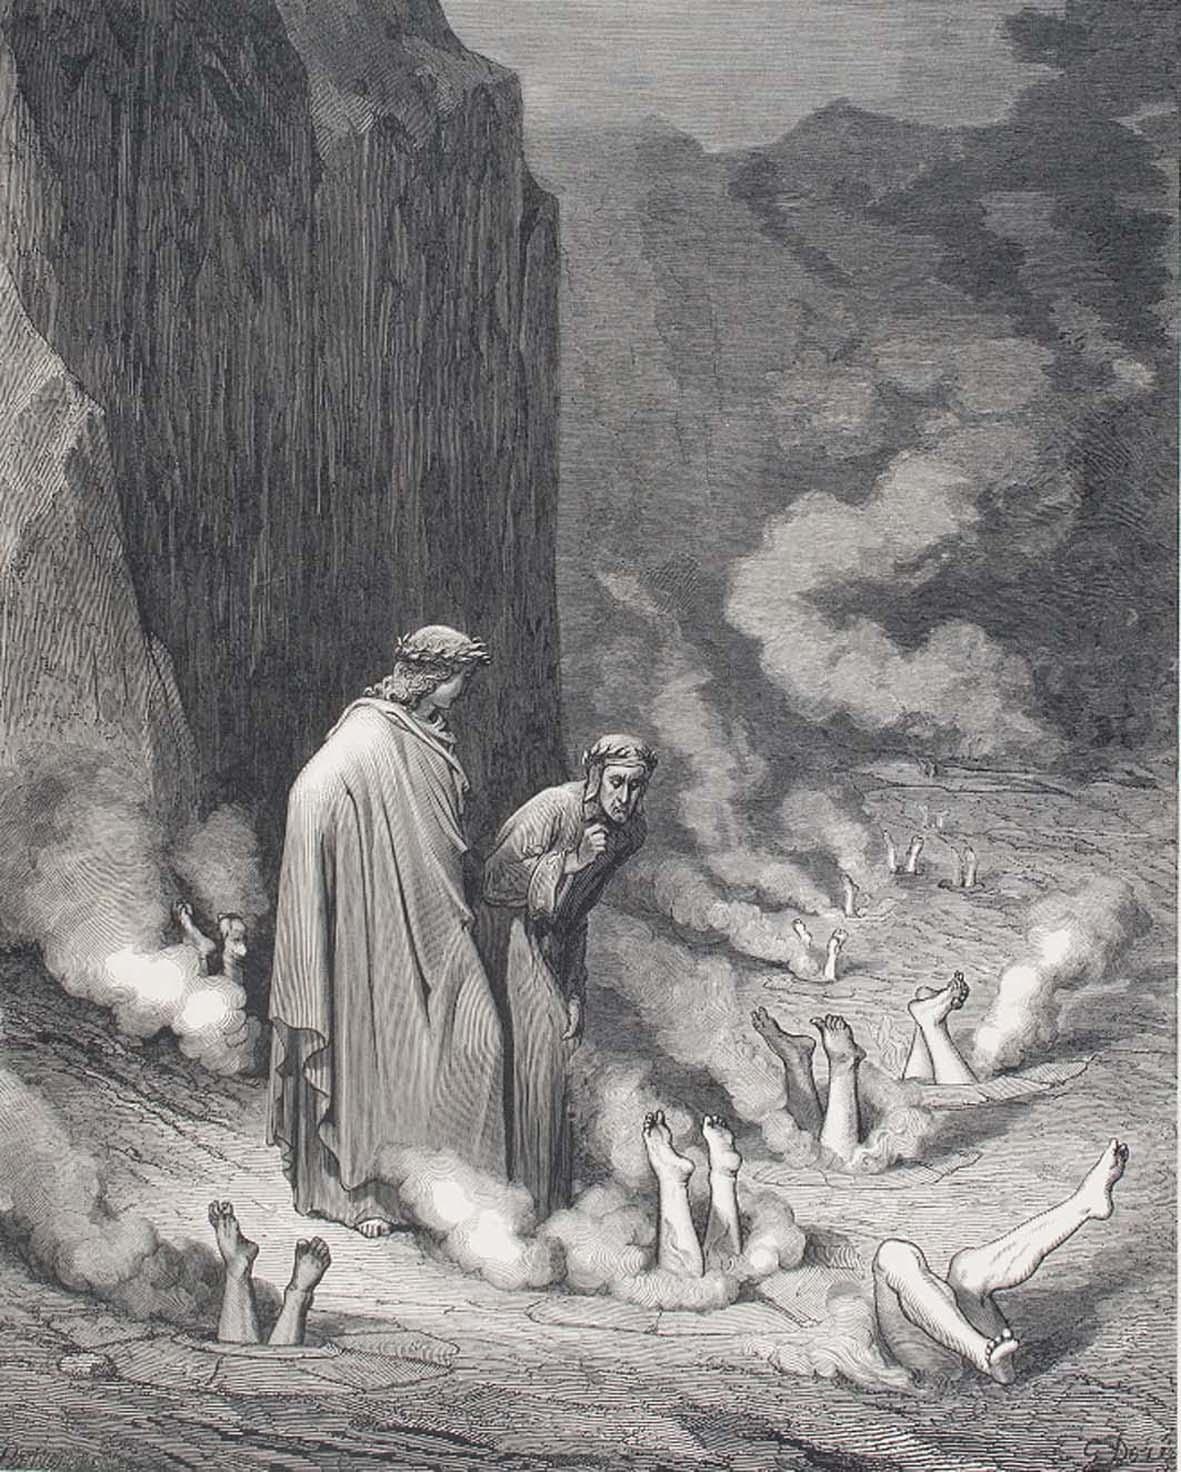 Visioni dell'Inferno: in mostra a Rovigo le illustrazioni di Doré, Rauschenberg e Brand per la Commedia di Dante